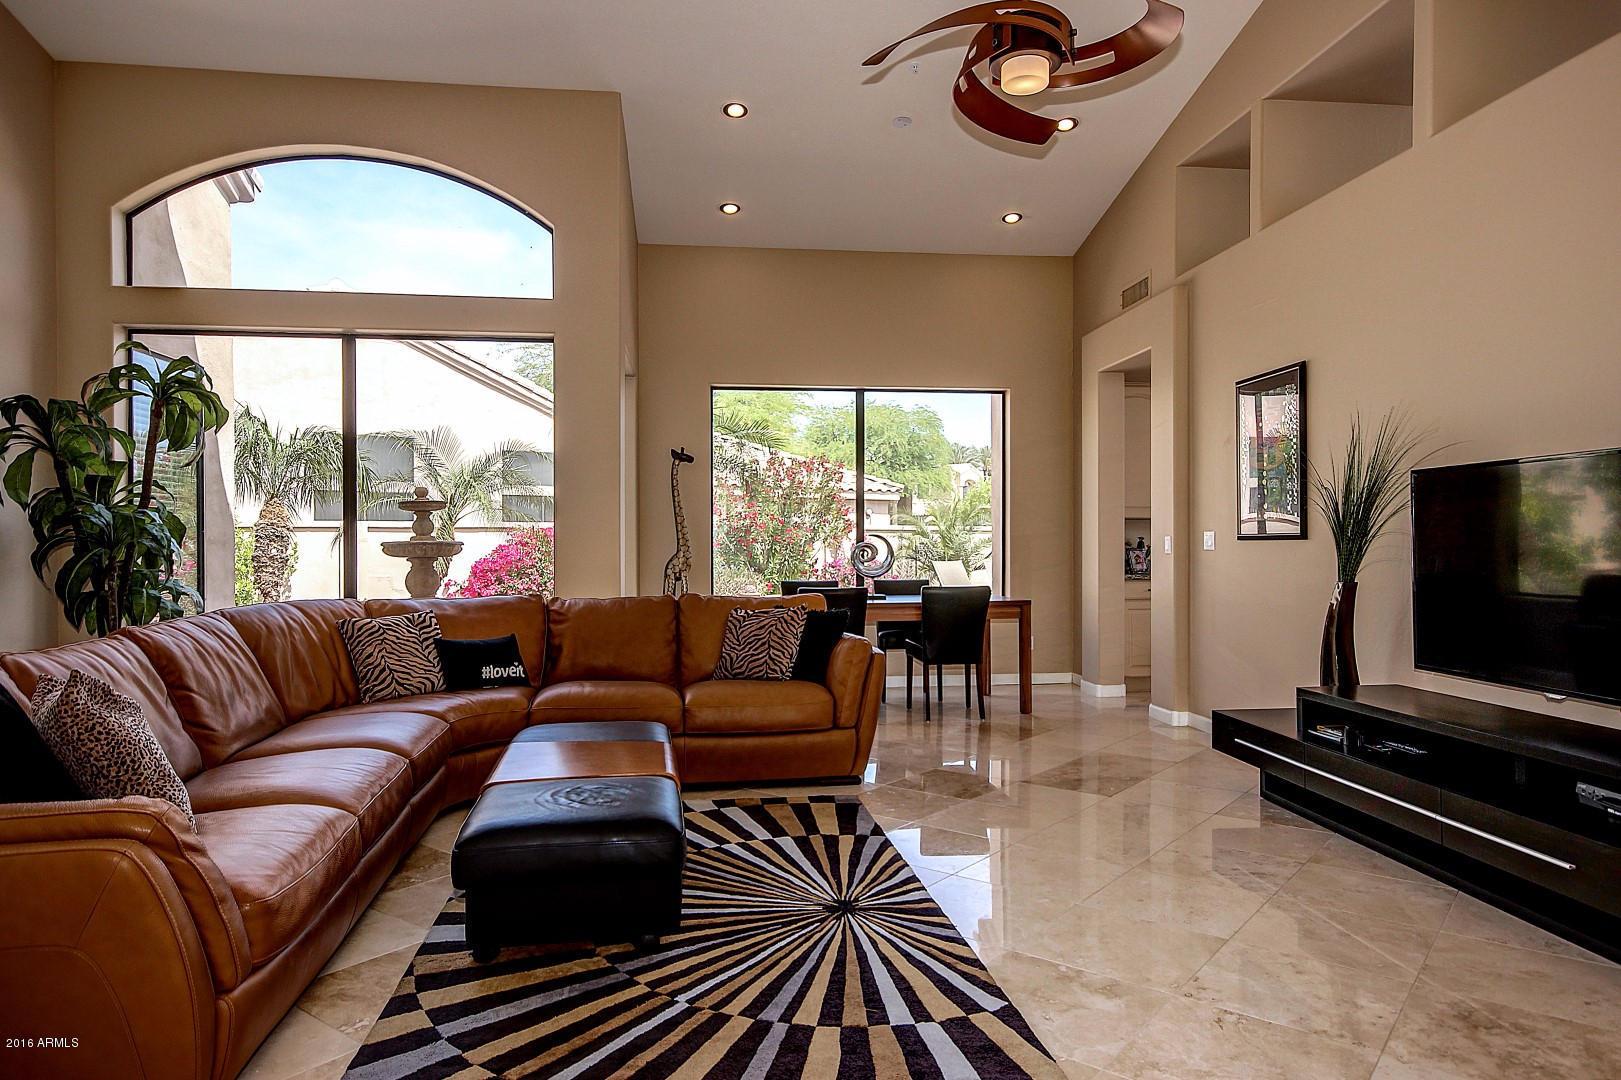 9191 N 117th  Way  Scottsdale AZ 85259